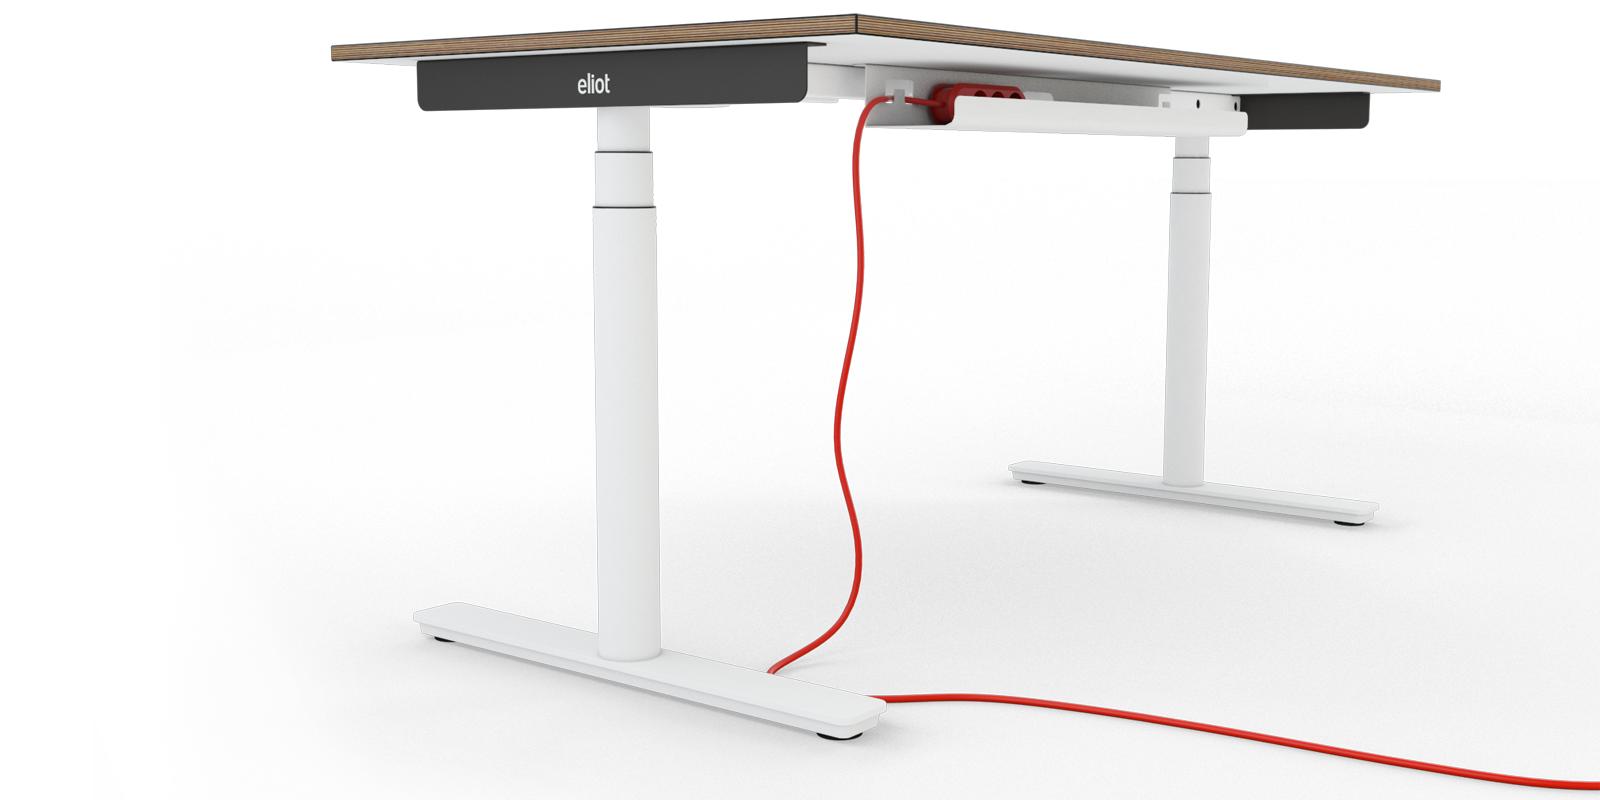 Höhenverstellbare Schreibtische und Kabelmanagement 2